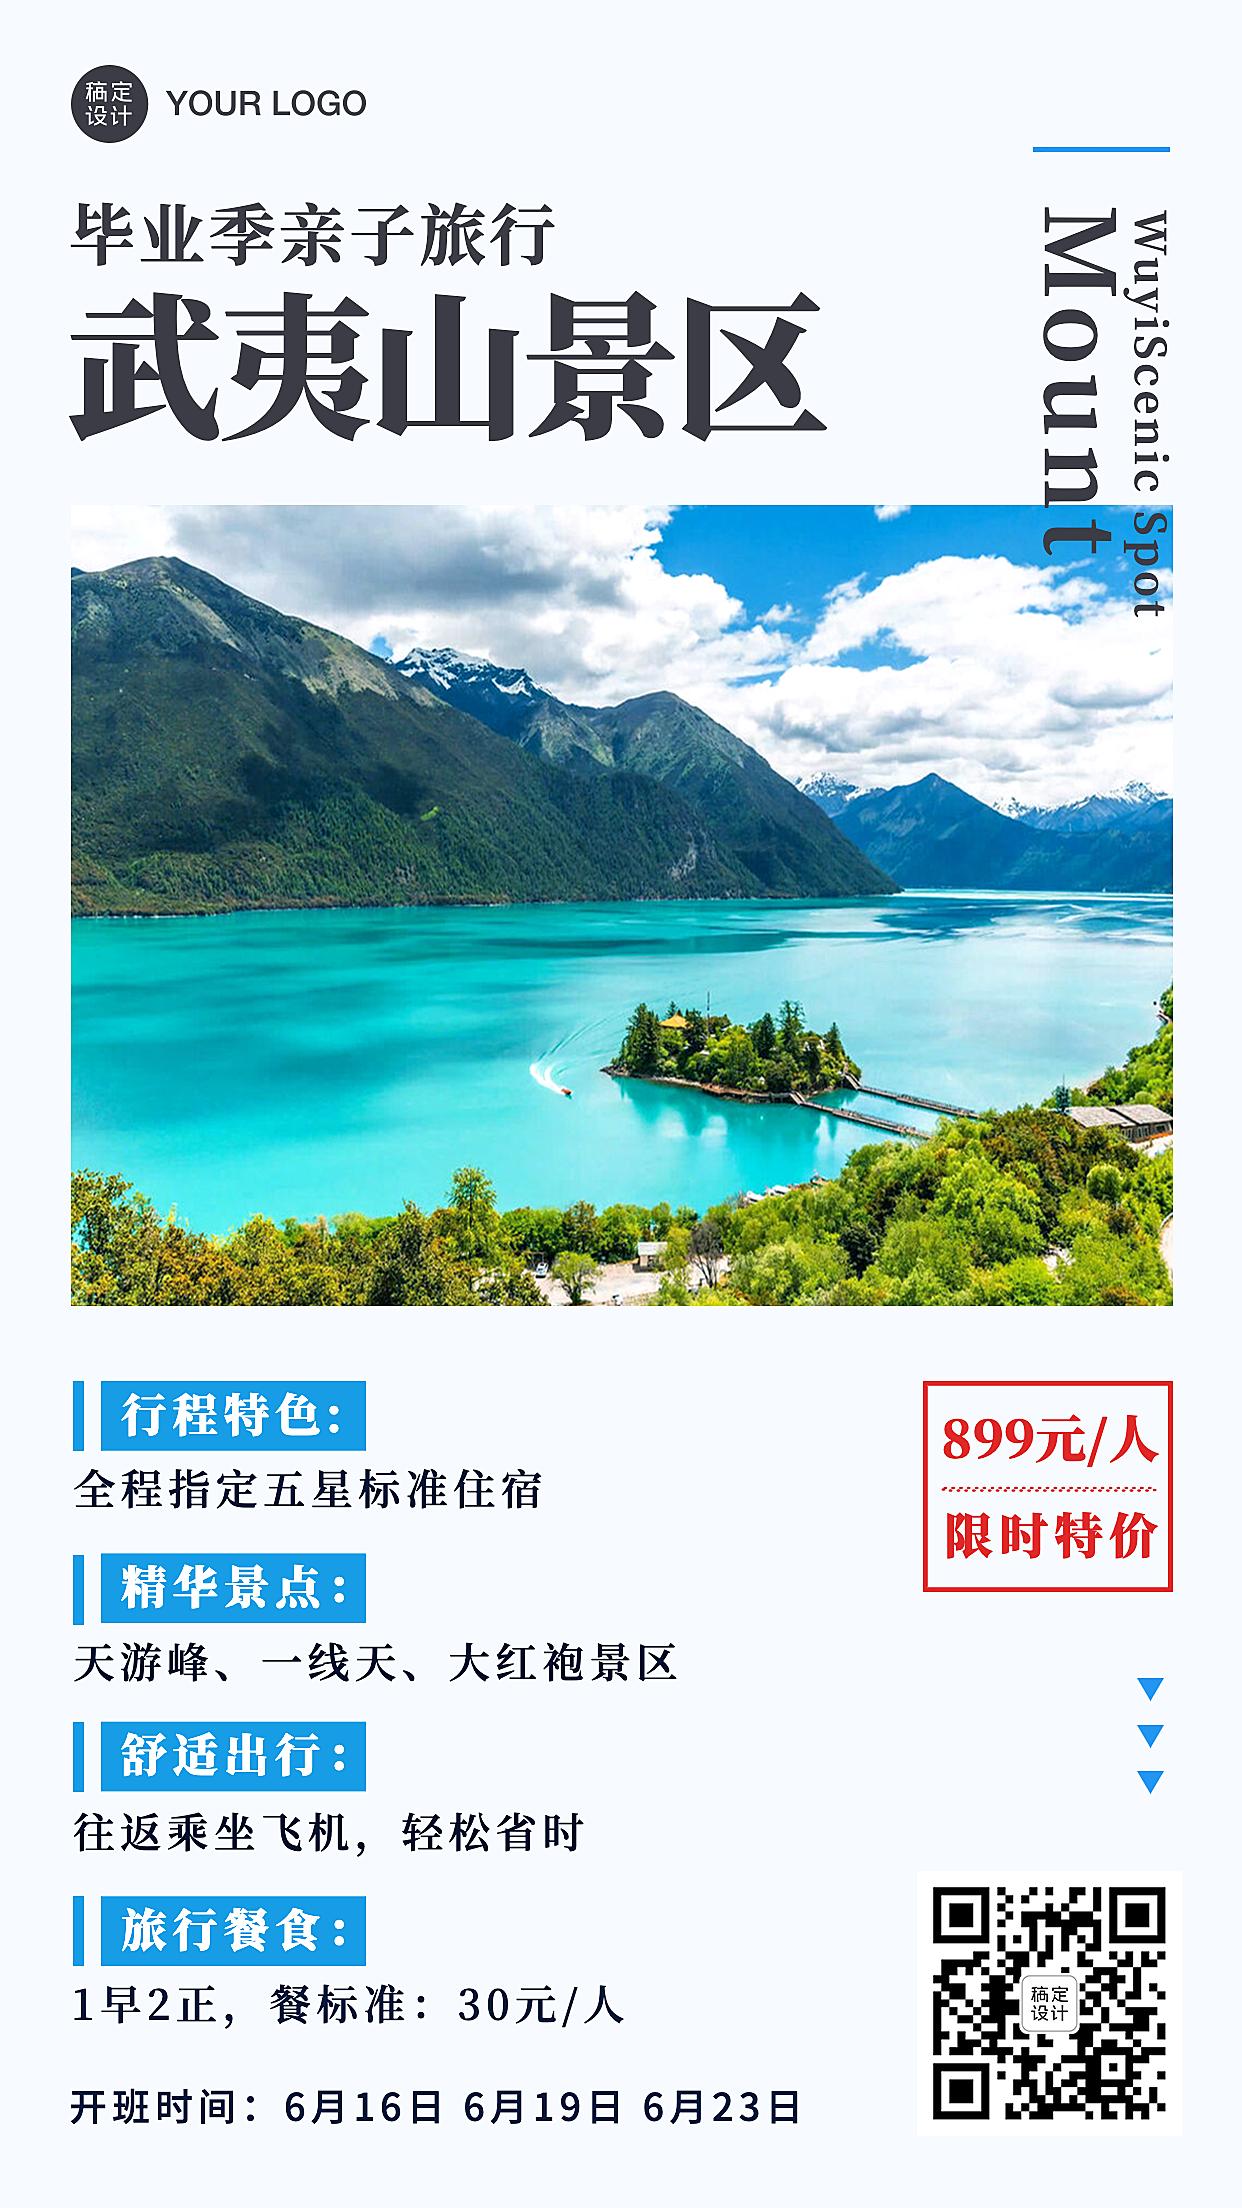 毕业旅行旅游景区介绍手机海报